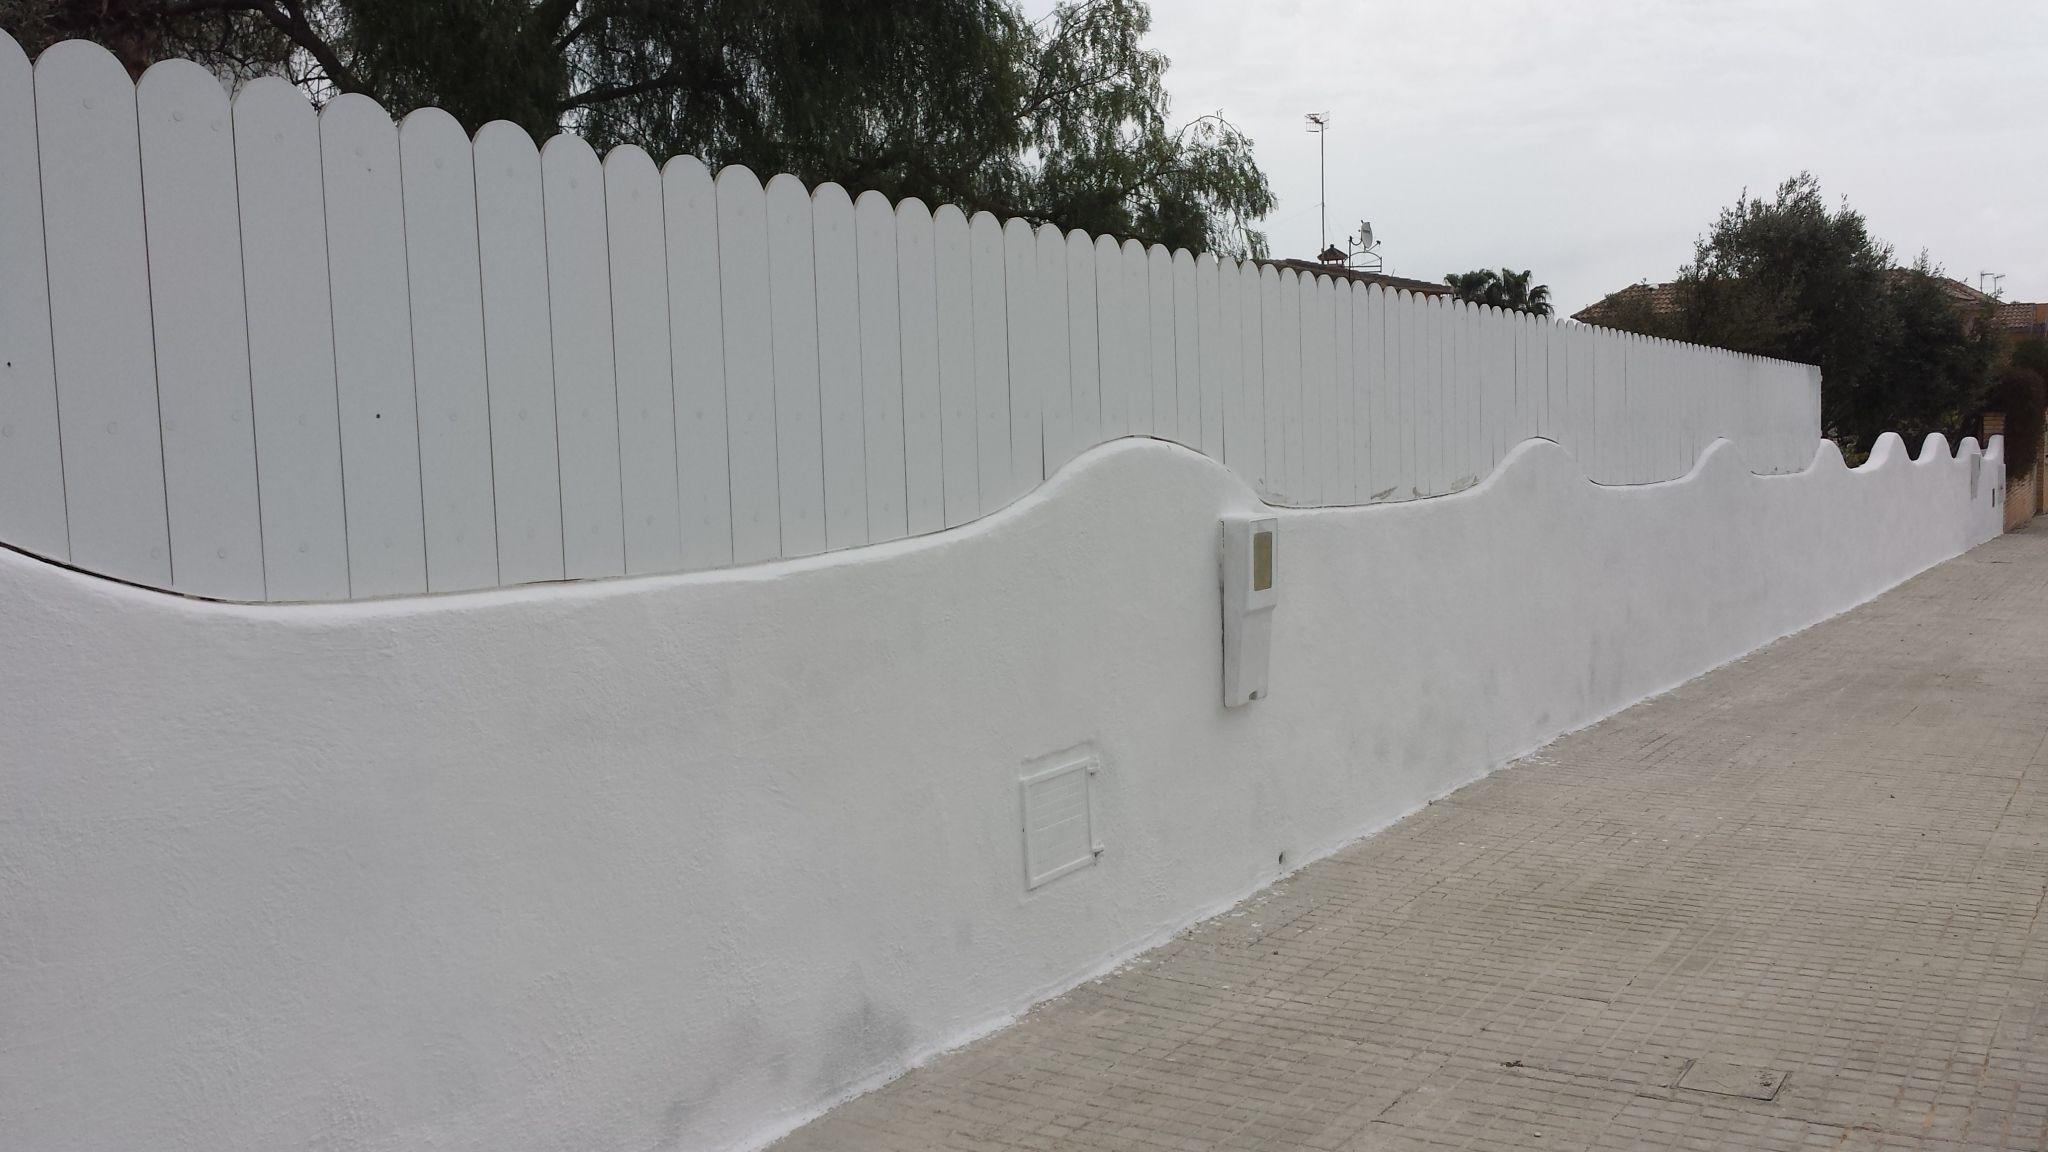 #valla #ocultación #residencial Con #lamas De #pvc Terminación Con  #cantoredondo  Http://www.vinuesavallasycercados.com/